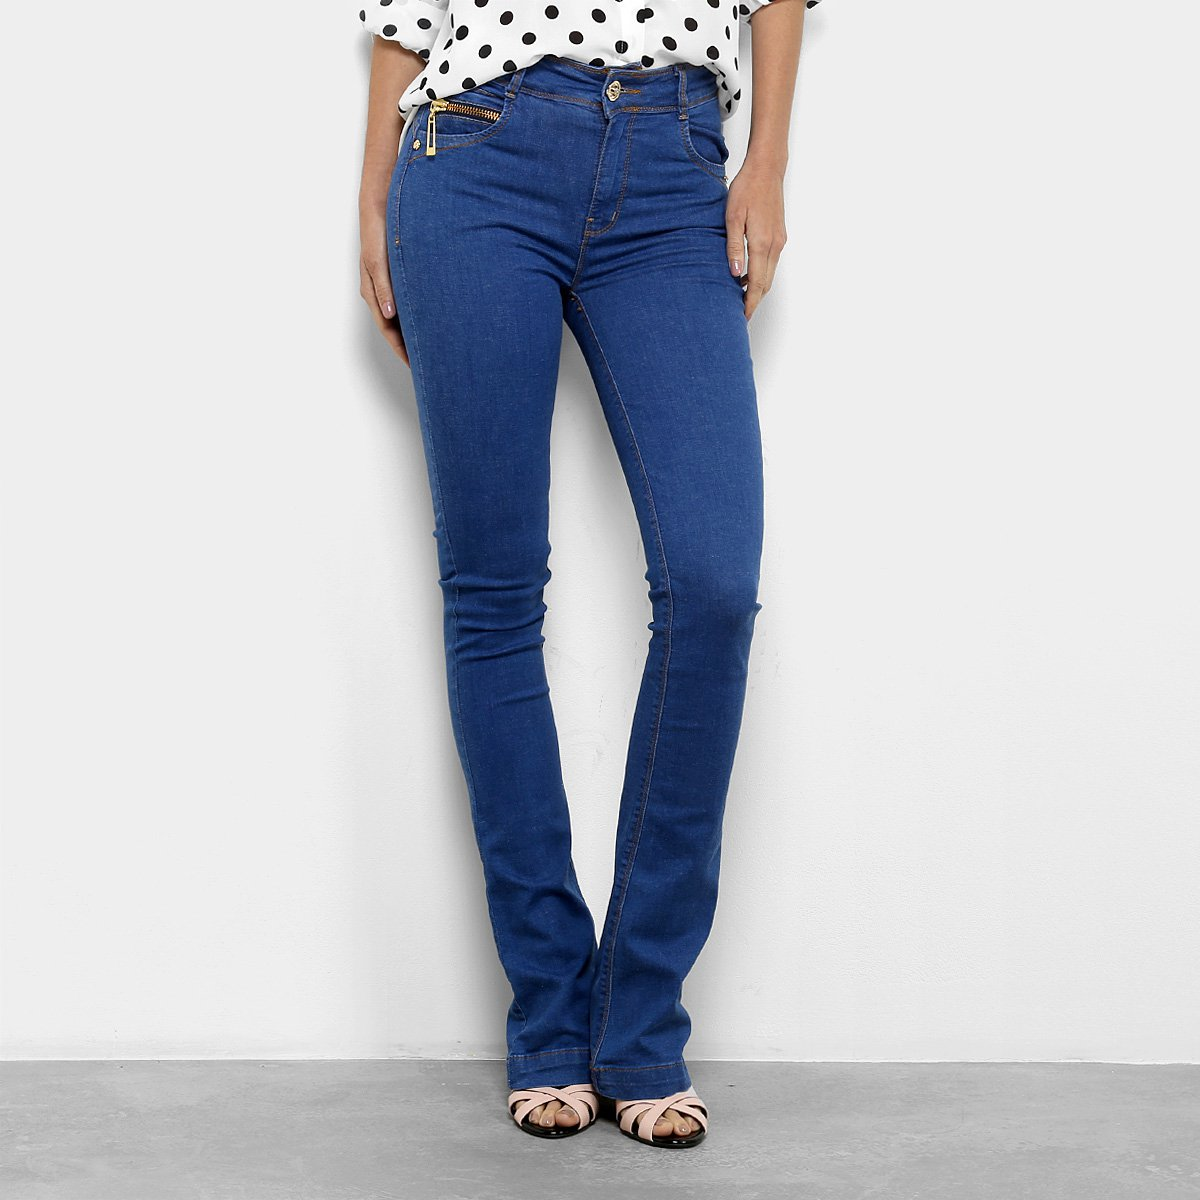 Dimy Calça Jeans Calça Feminina Alta Jeans Azul Cintura Flare ISnvqx55PO